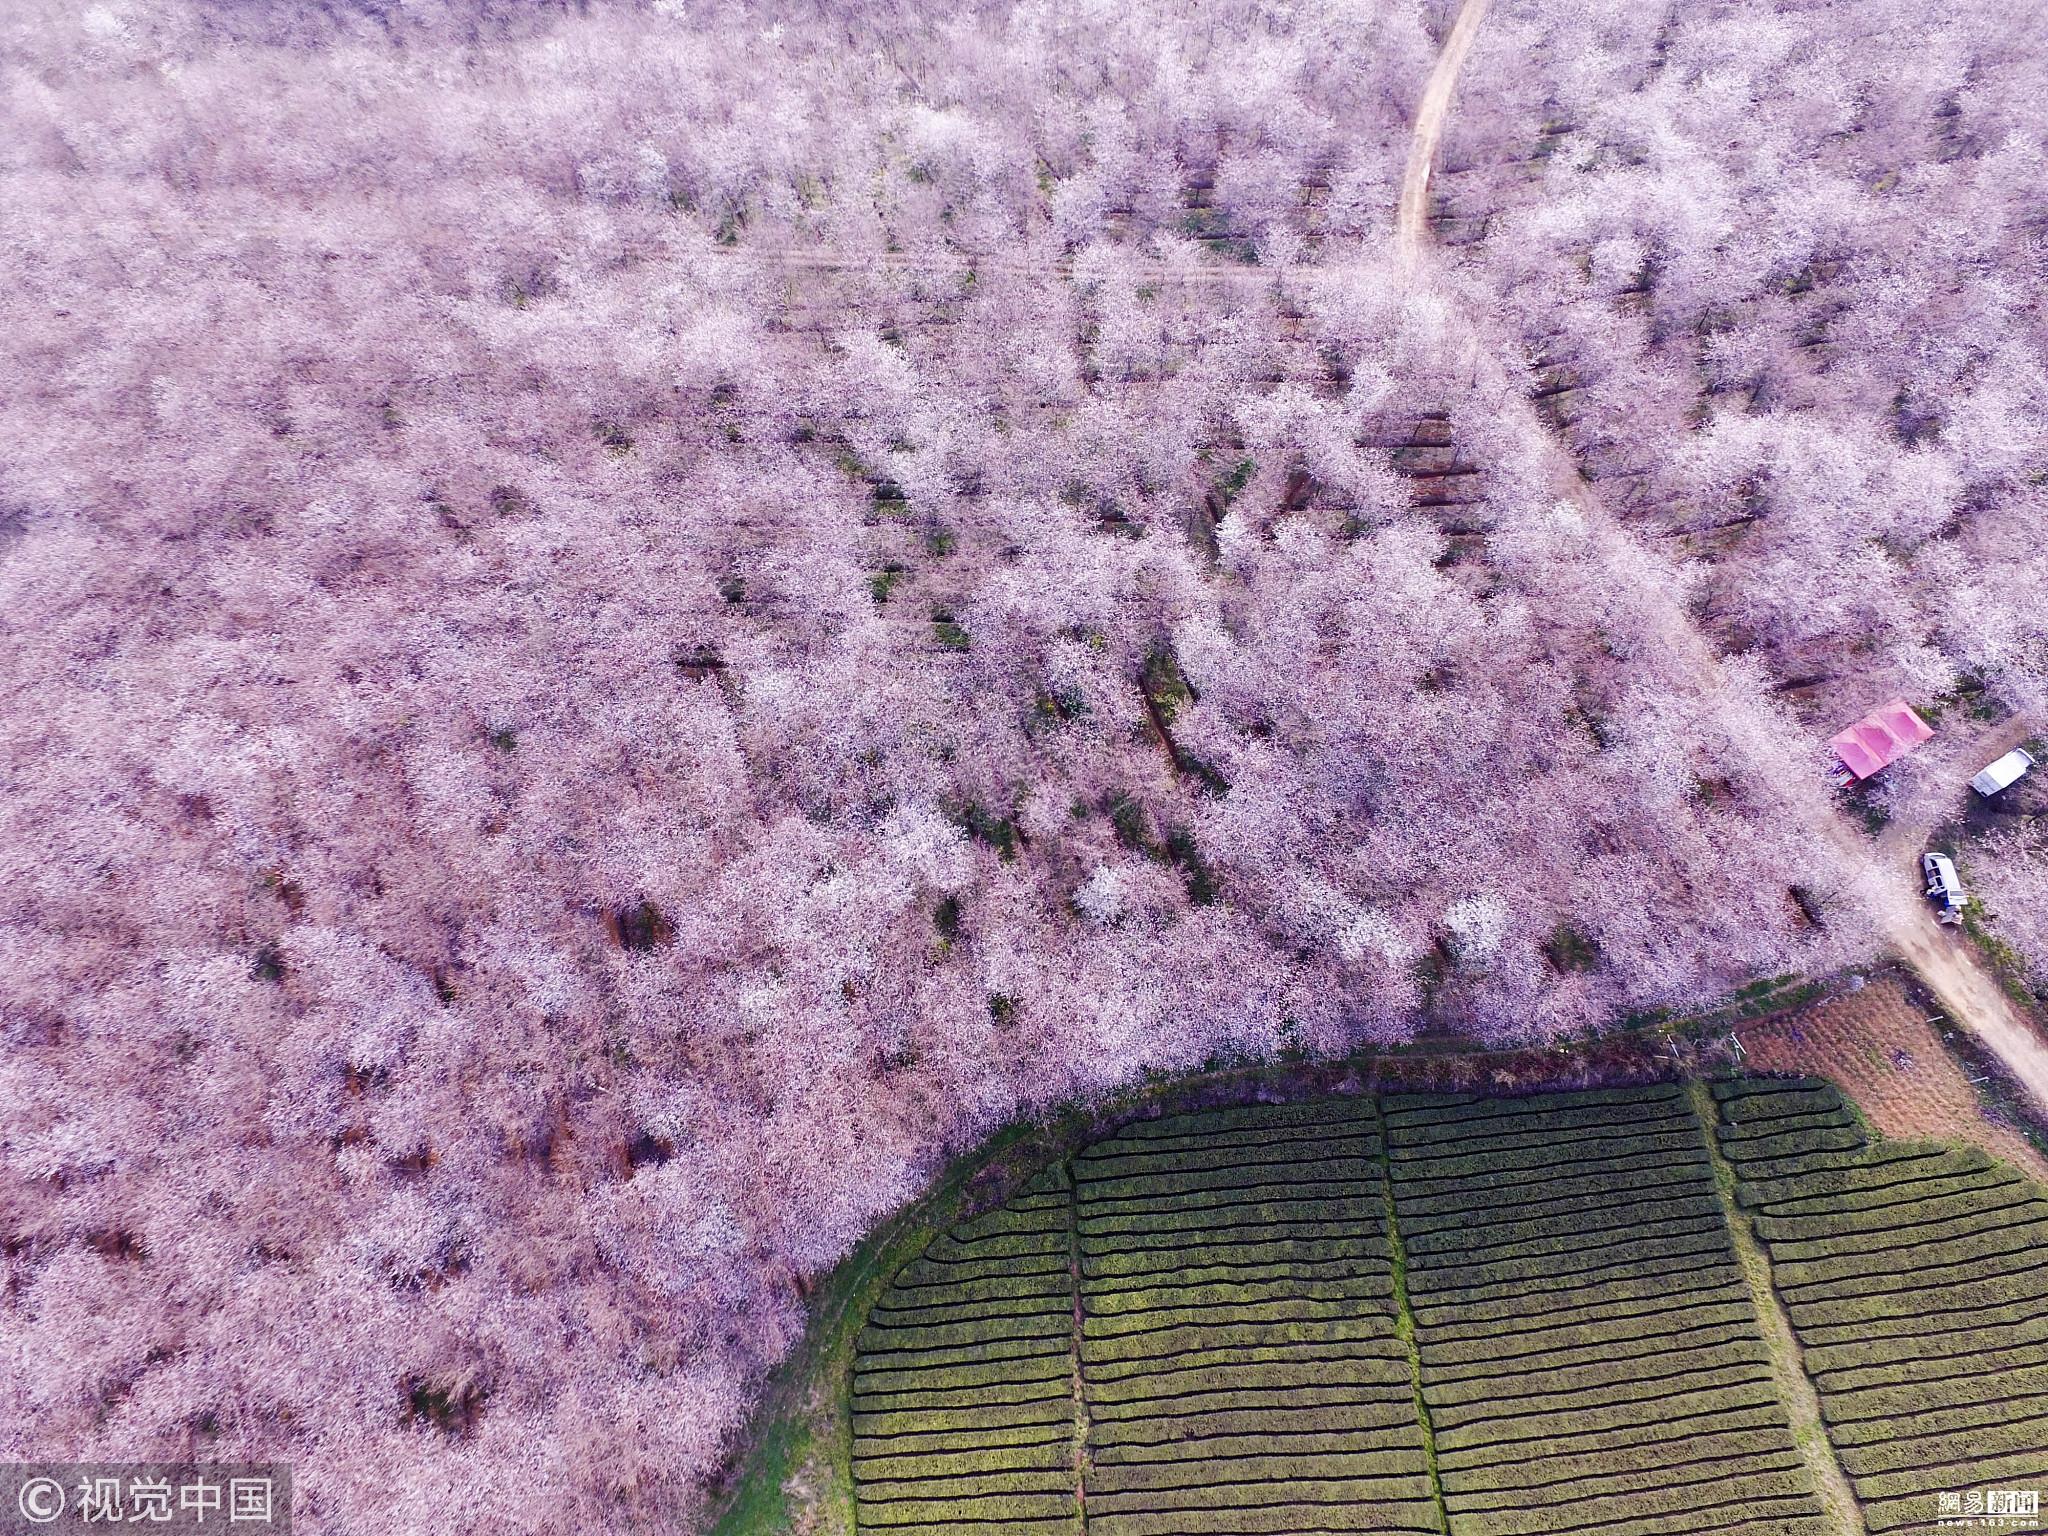 贵阳万亩樱花开放 高空俯瞰美不胜收! - 周公乐 - xinhua8848 的博客